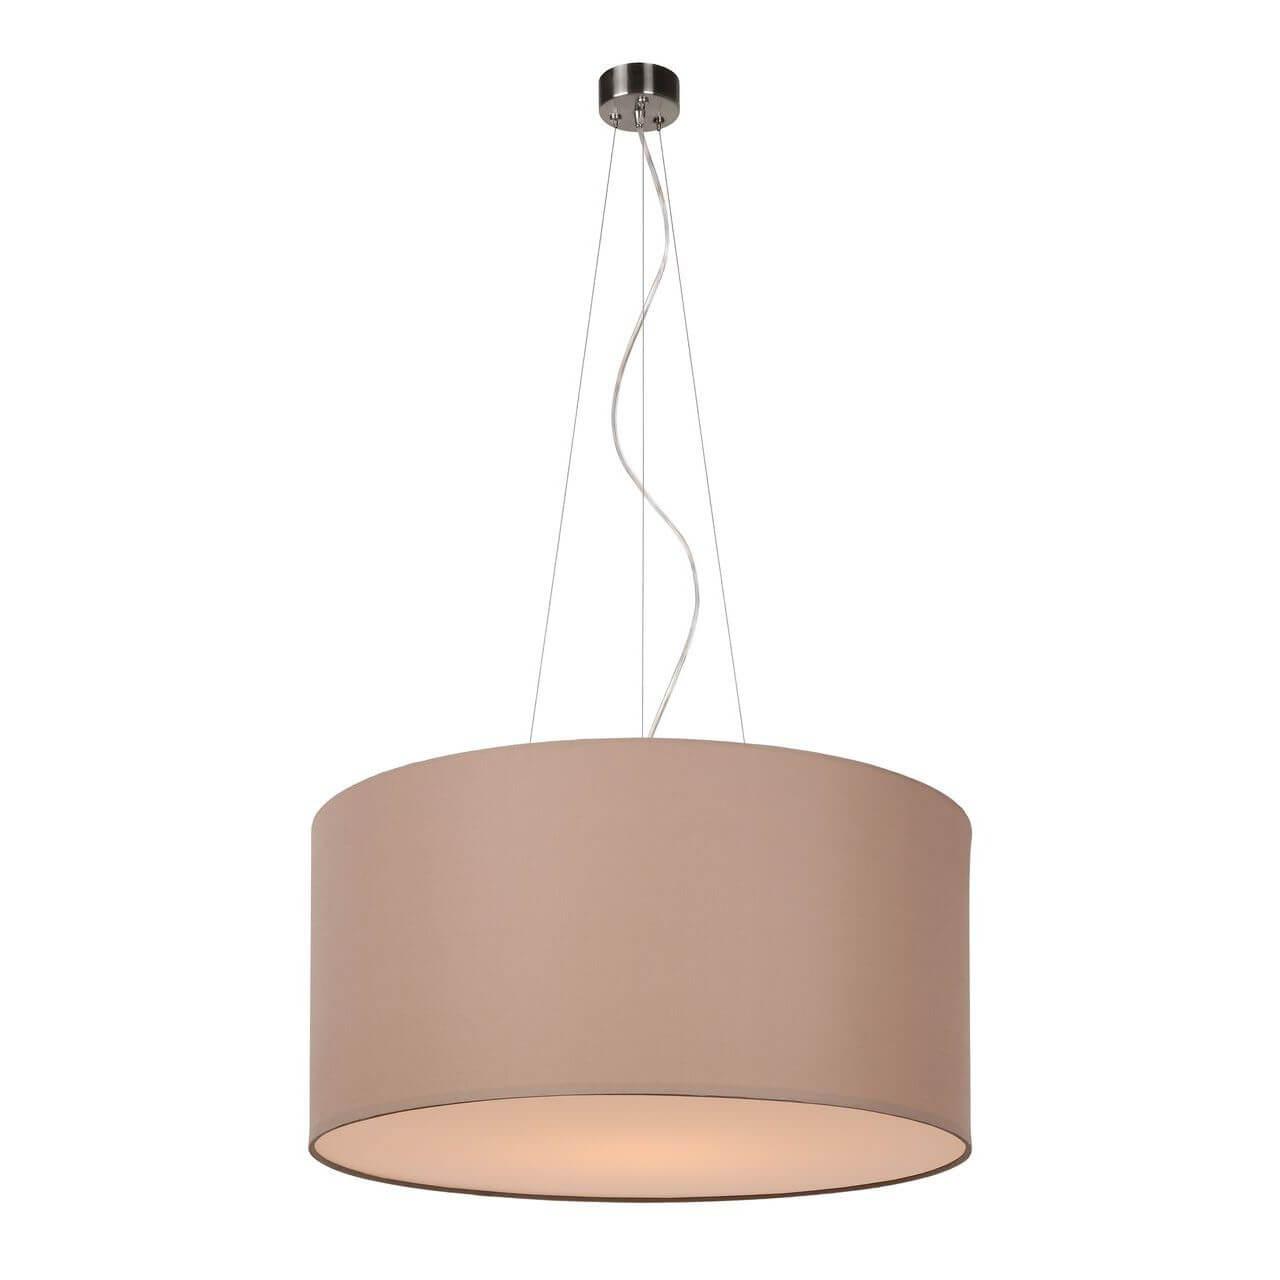 Подвесной светильник АртПром Crocus Glade S2 01 07 подвесной светильник артпром crocus glade s2 01 05